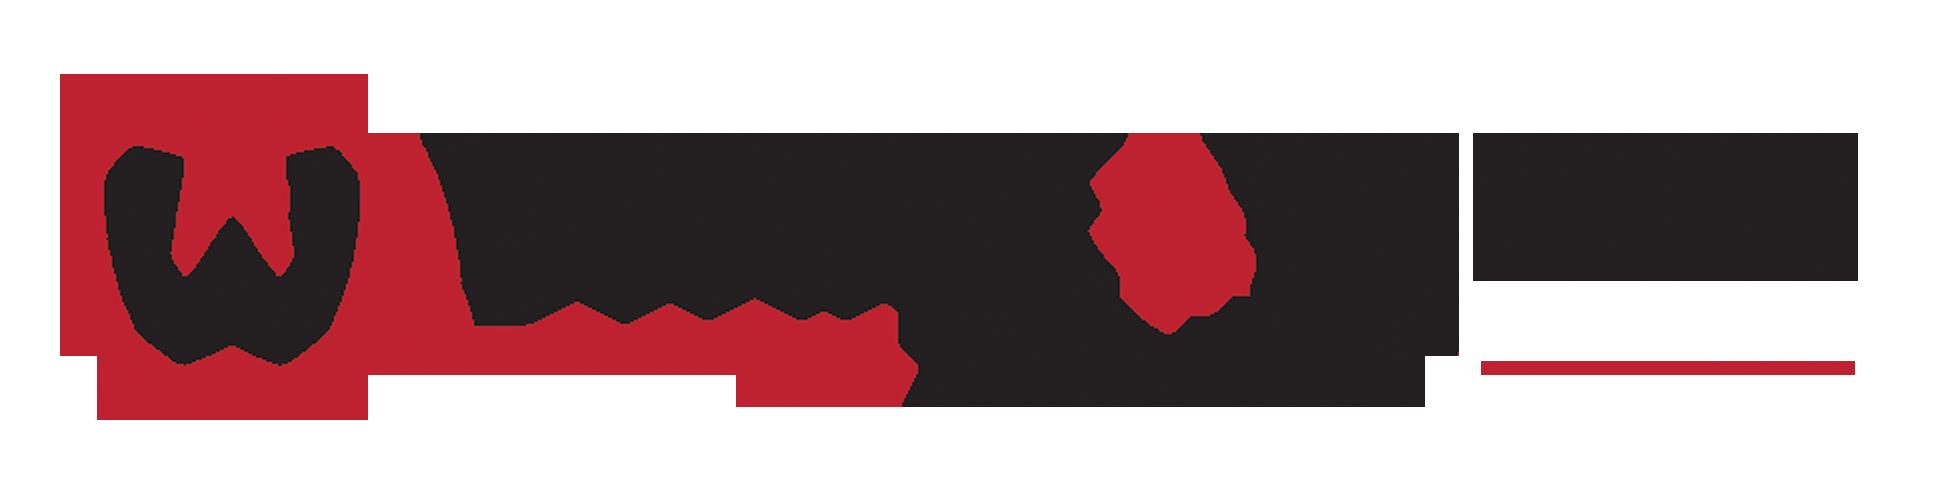 White & White Realty Team logo